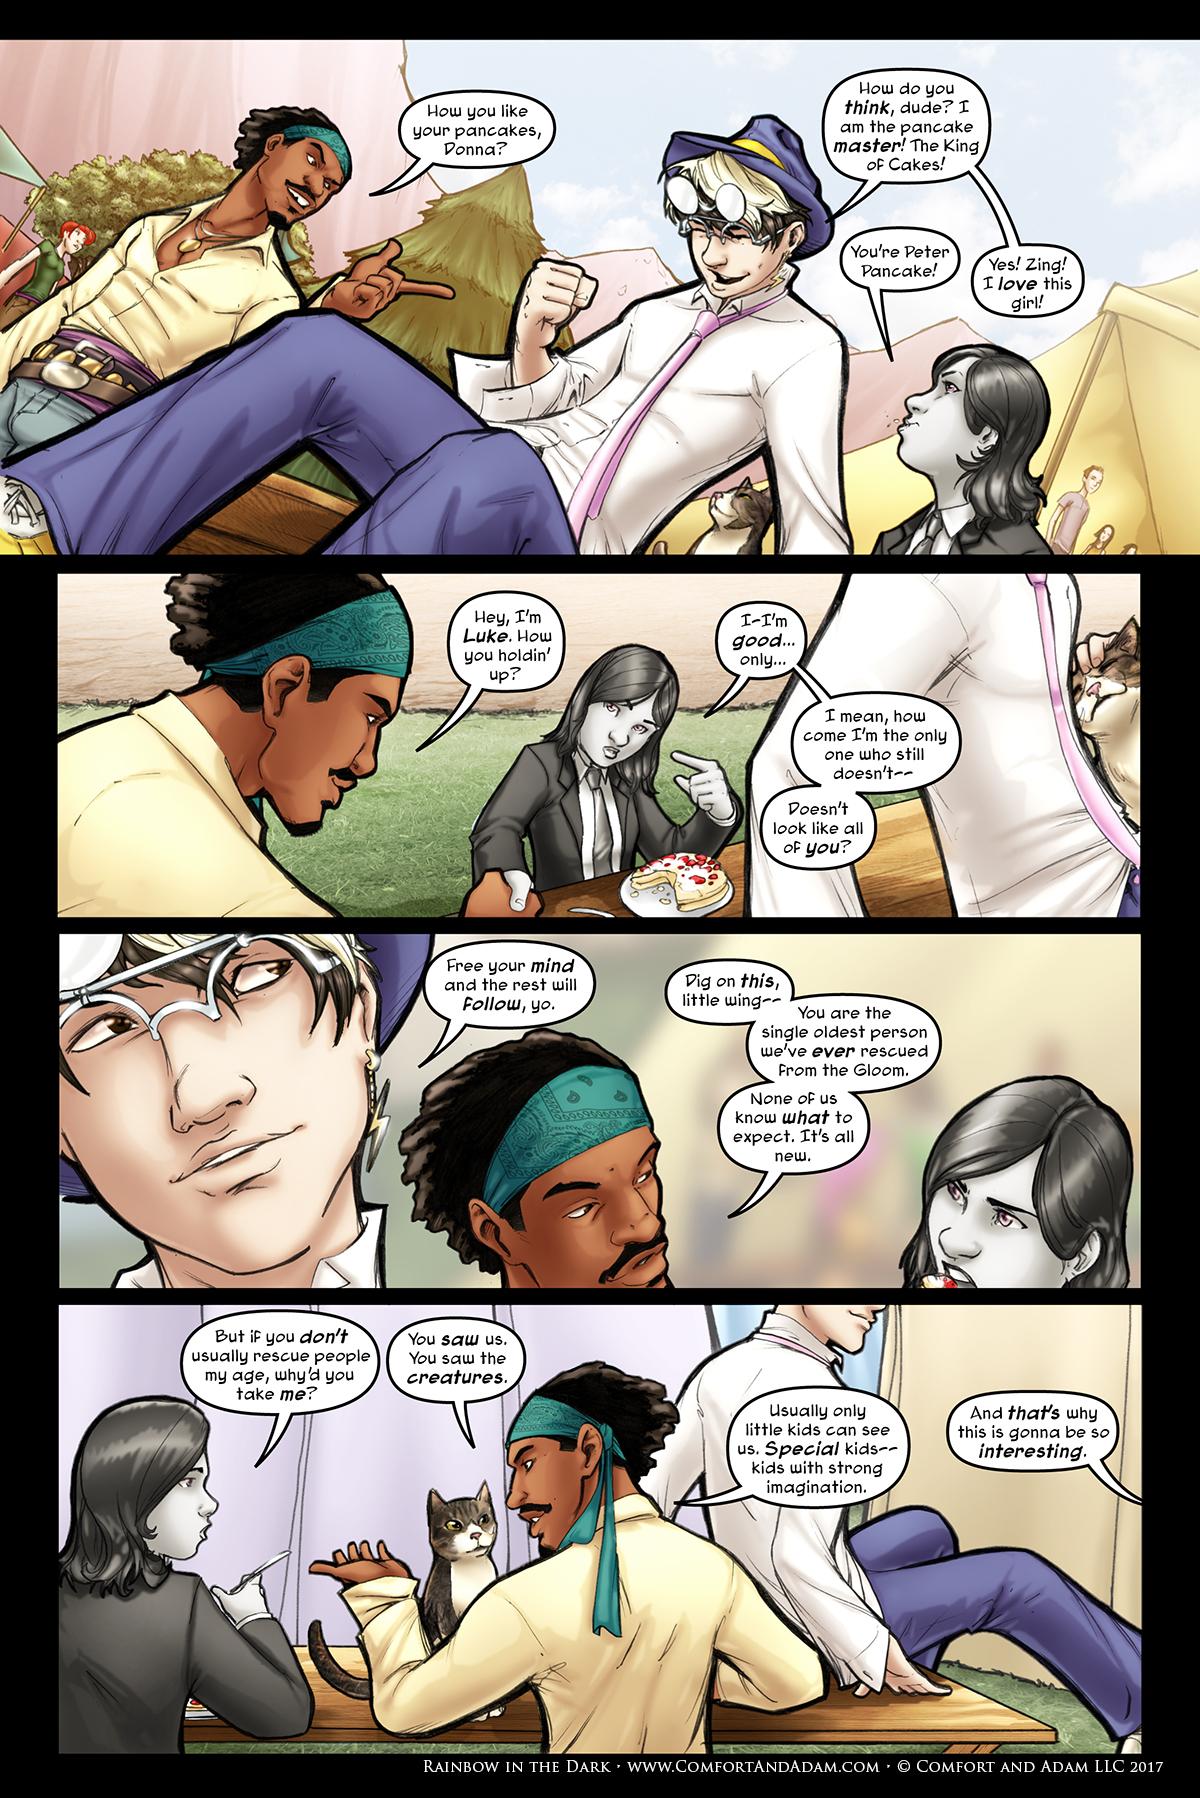 Rainbow in the Dark #2, pg. 4: Luke and Kenji